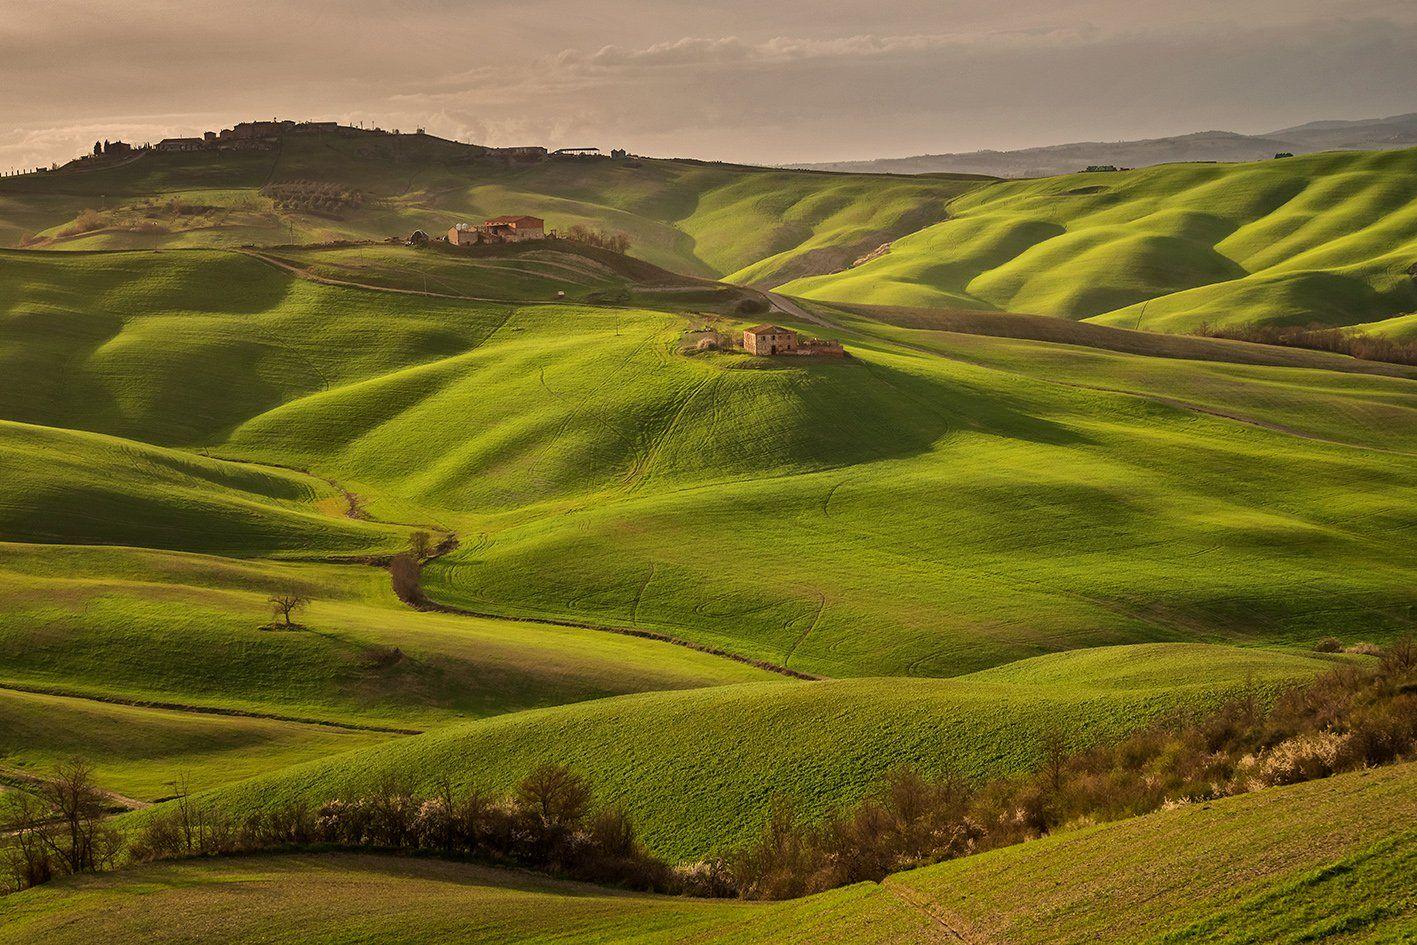 tuscany, тоскана, путешествие по тоскане, tuscany photos landscape, весенняя тоскана, пейзажи тосканы, tuscany landscape photography, Татьяна Ефименко